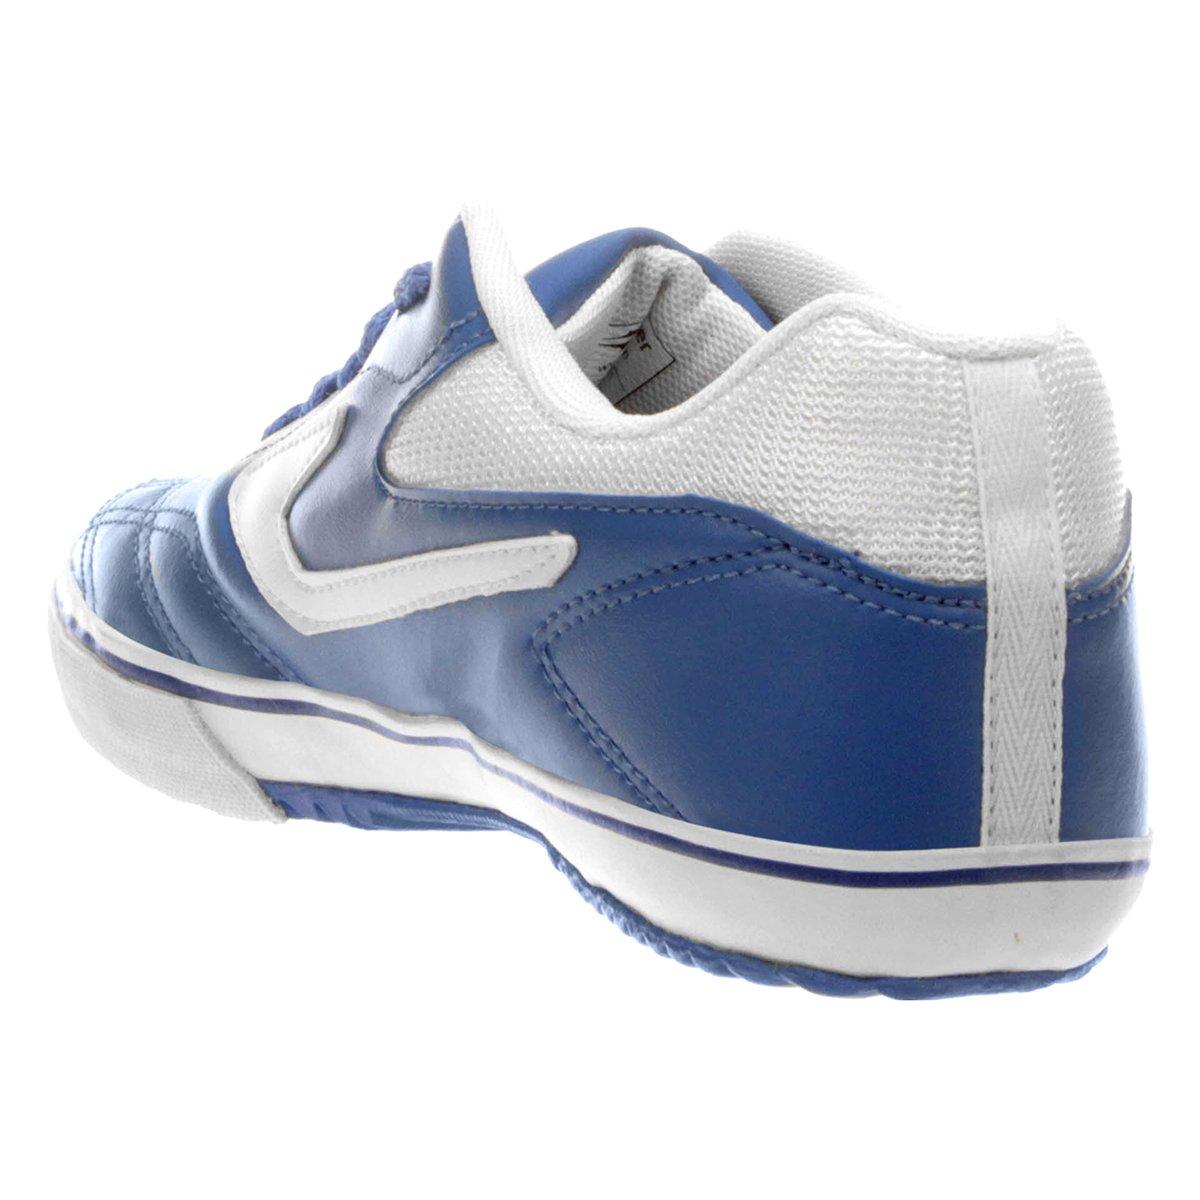 Chuteira Futsal Topper Dominator 3 - Azul e Branco - Compre Agora ... 0e7f4625775f6